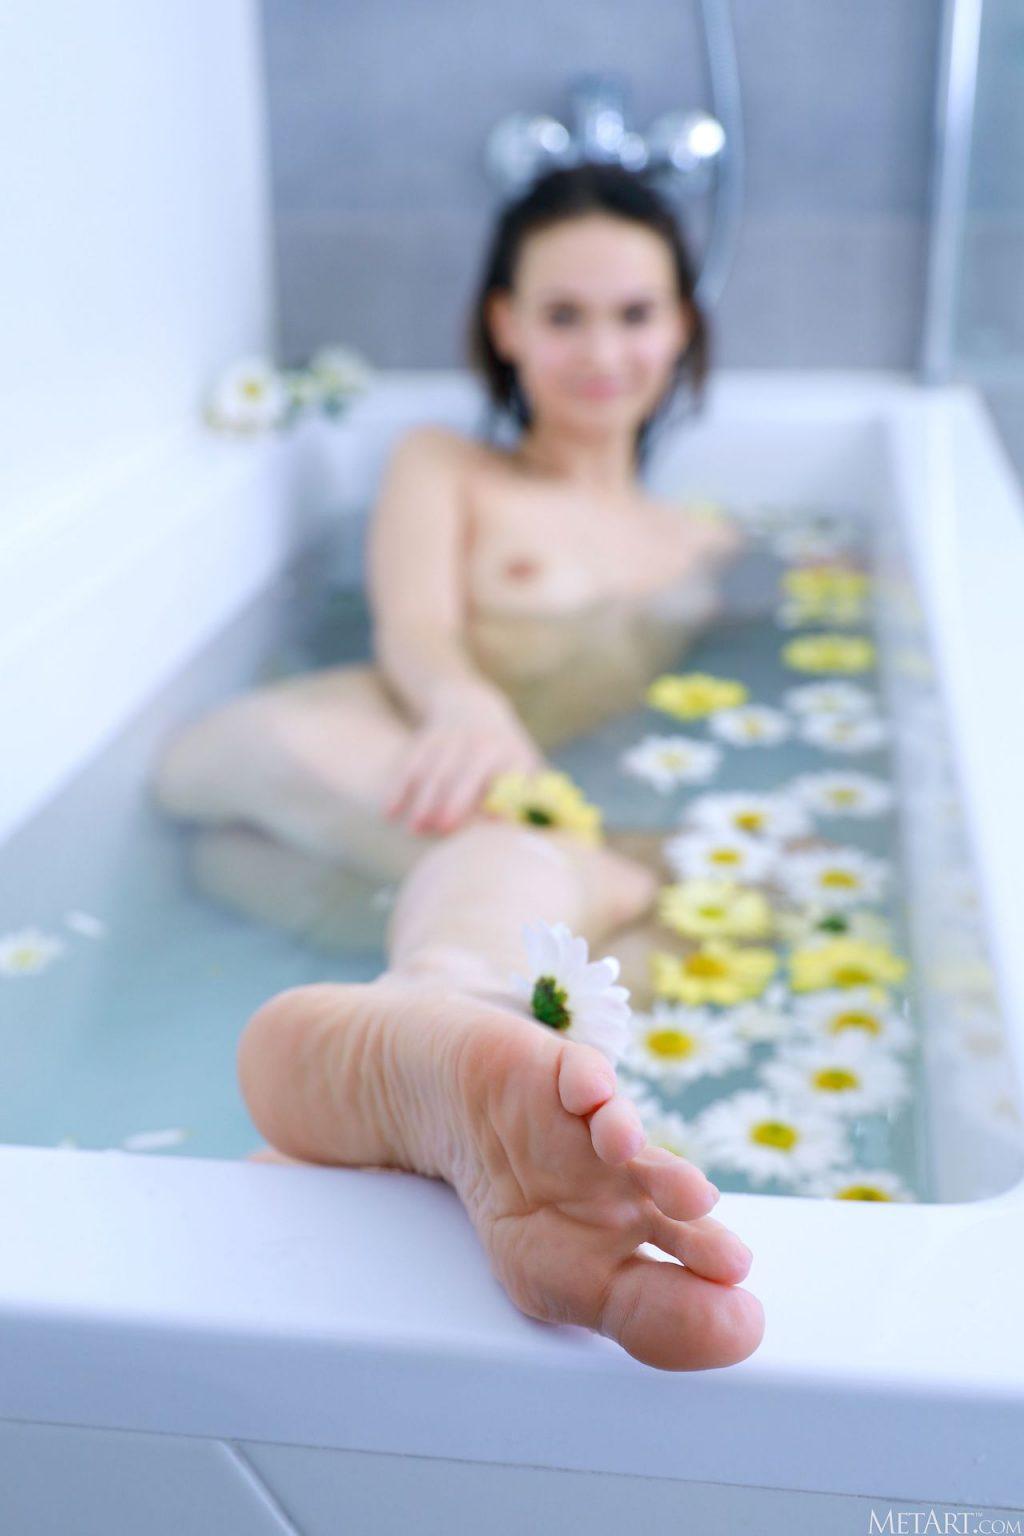 Anastasia Bella Nude – Floral Spa (120 Photos)